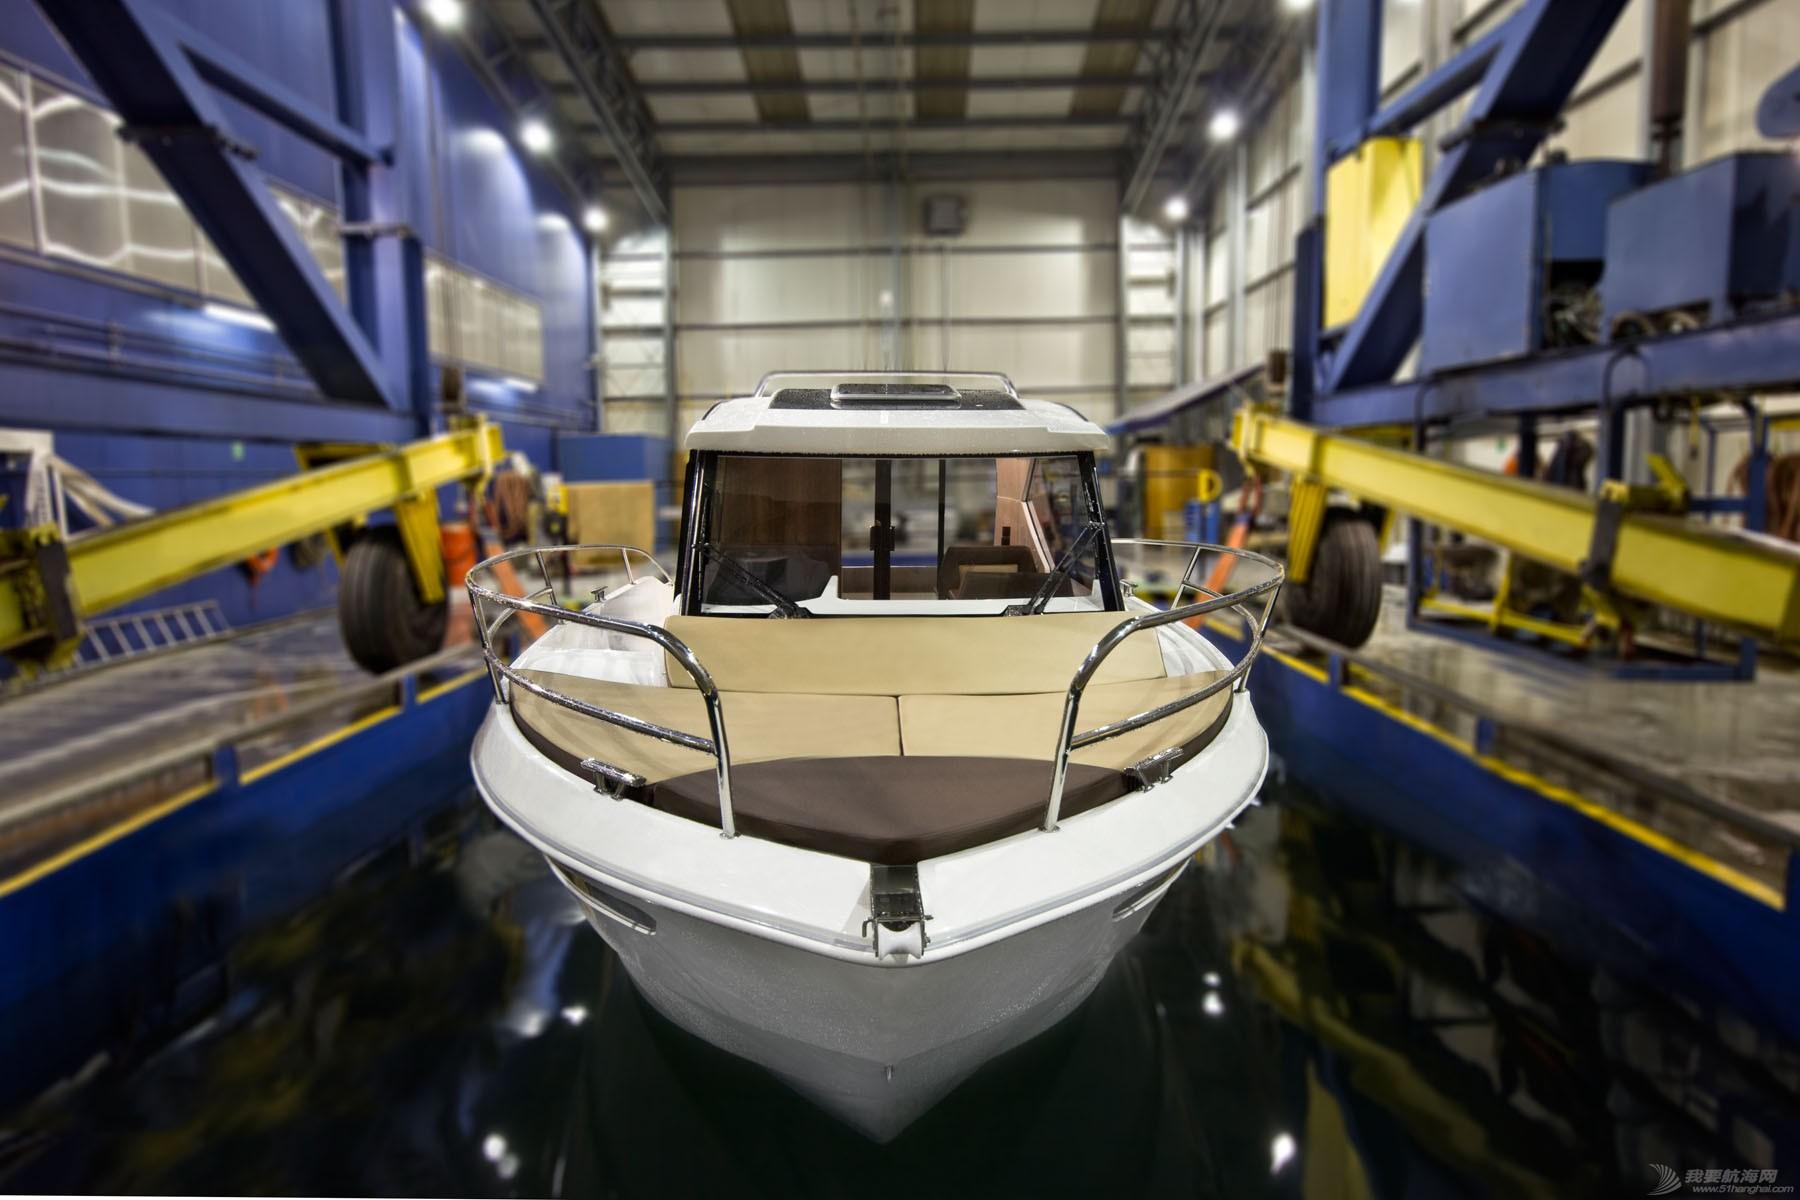 进口 波兰进口Galia 750 Hardtop硬顶钓鱼艇出售 _MG_3161